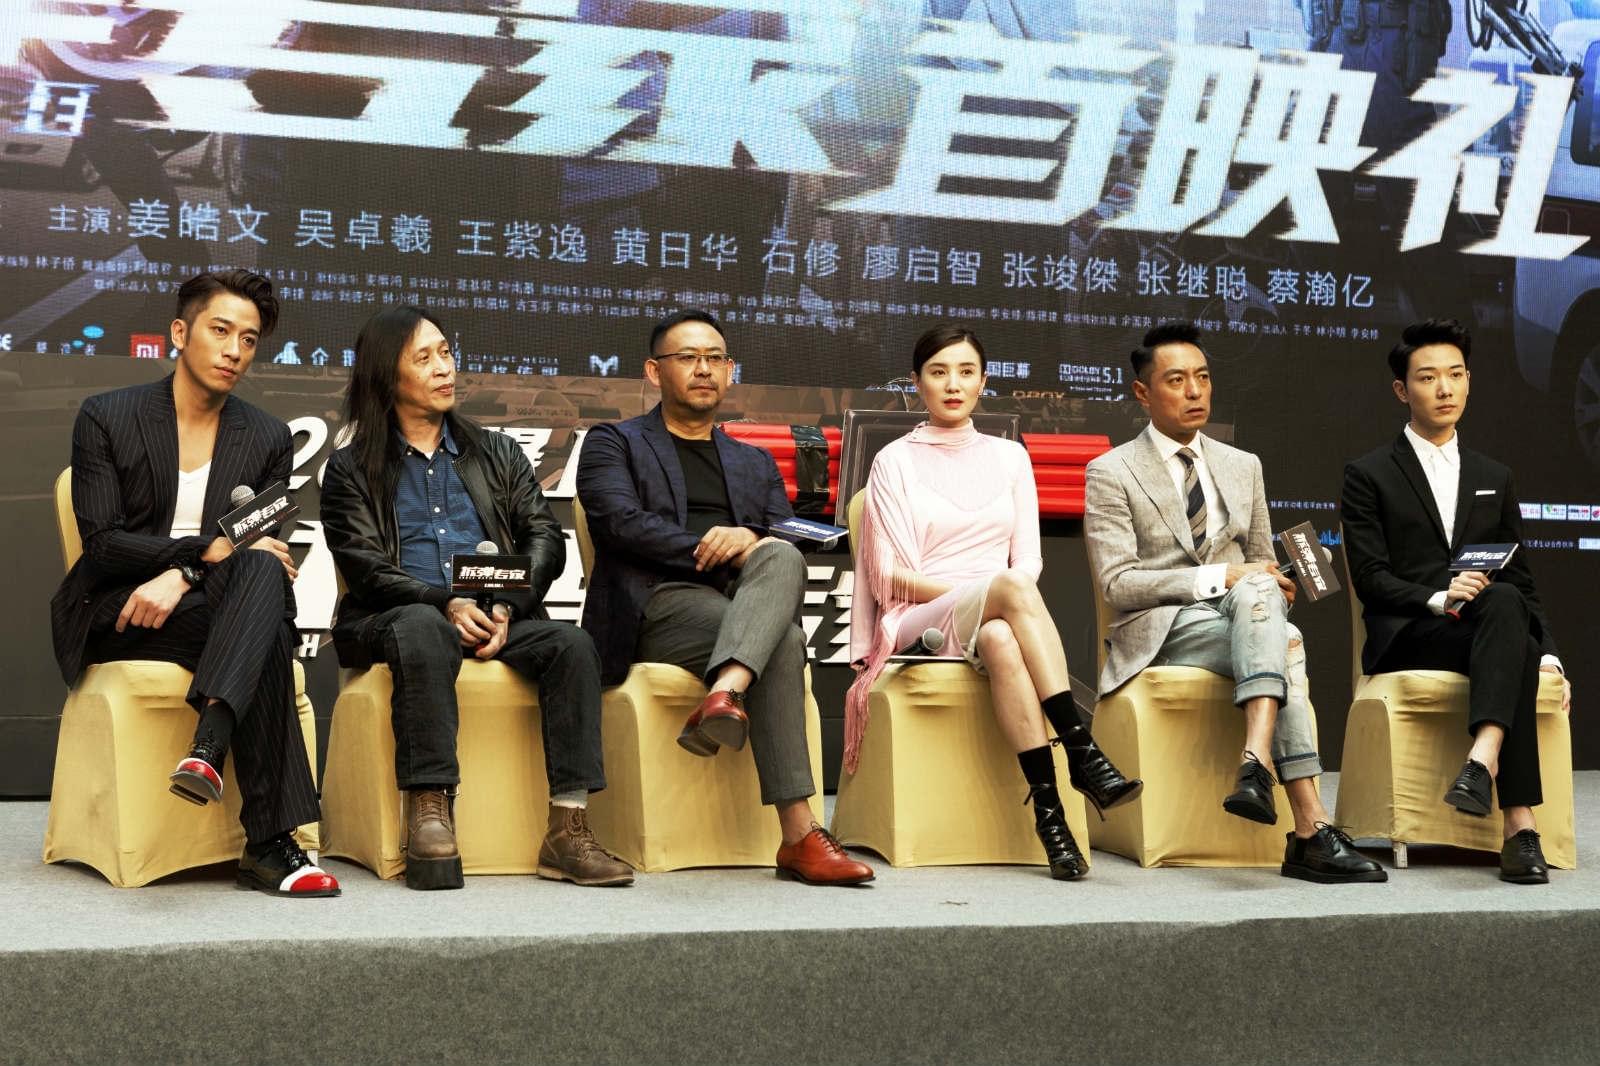 《拆弹专家》将映 姜武喊话刘德华:华哥,五亿起步!